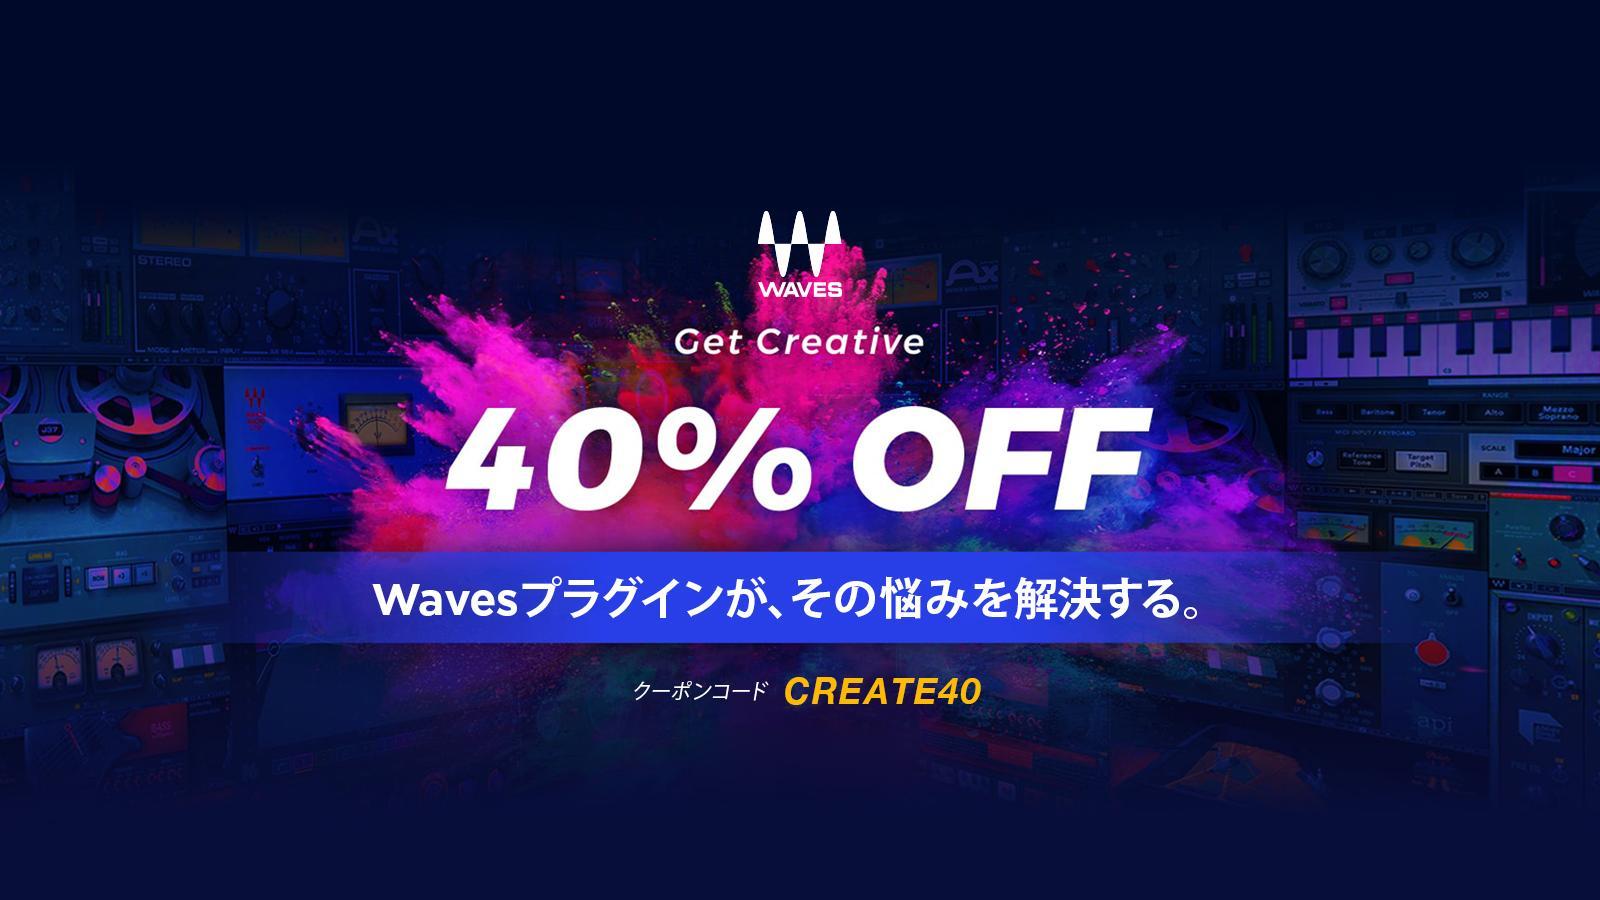 より創造的に、新しく刺激的なワークフローを。Waves Power Your Creativity Sale